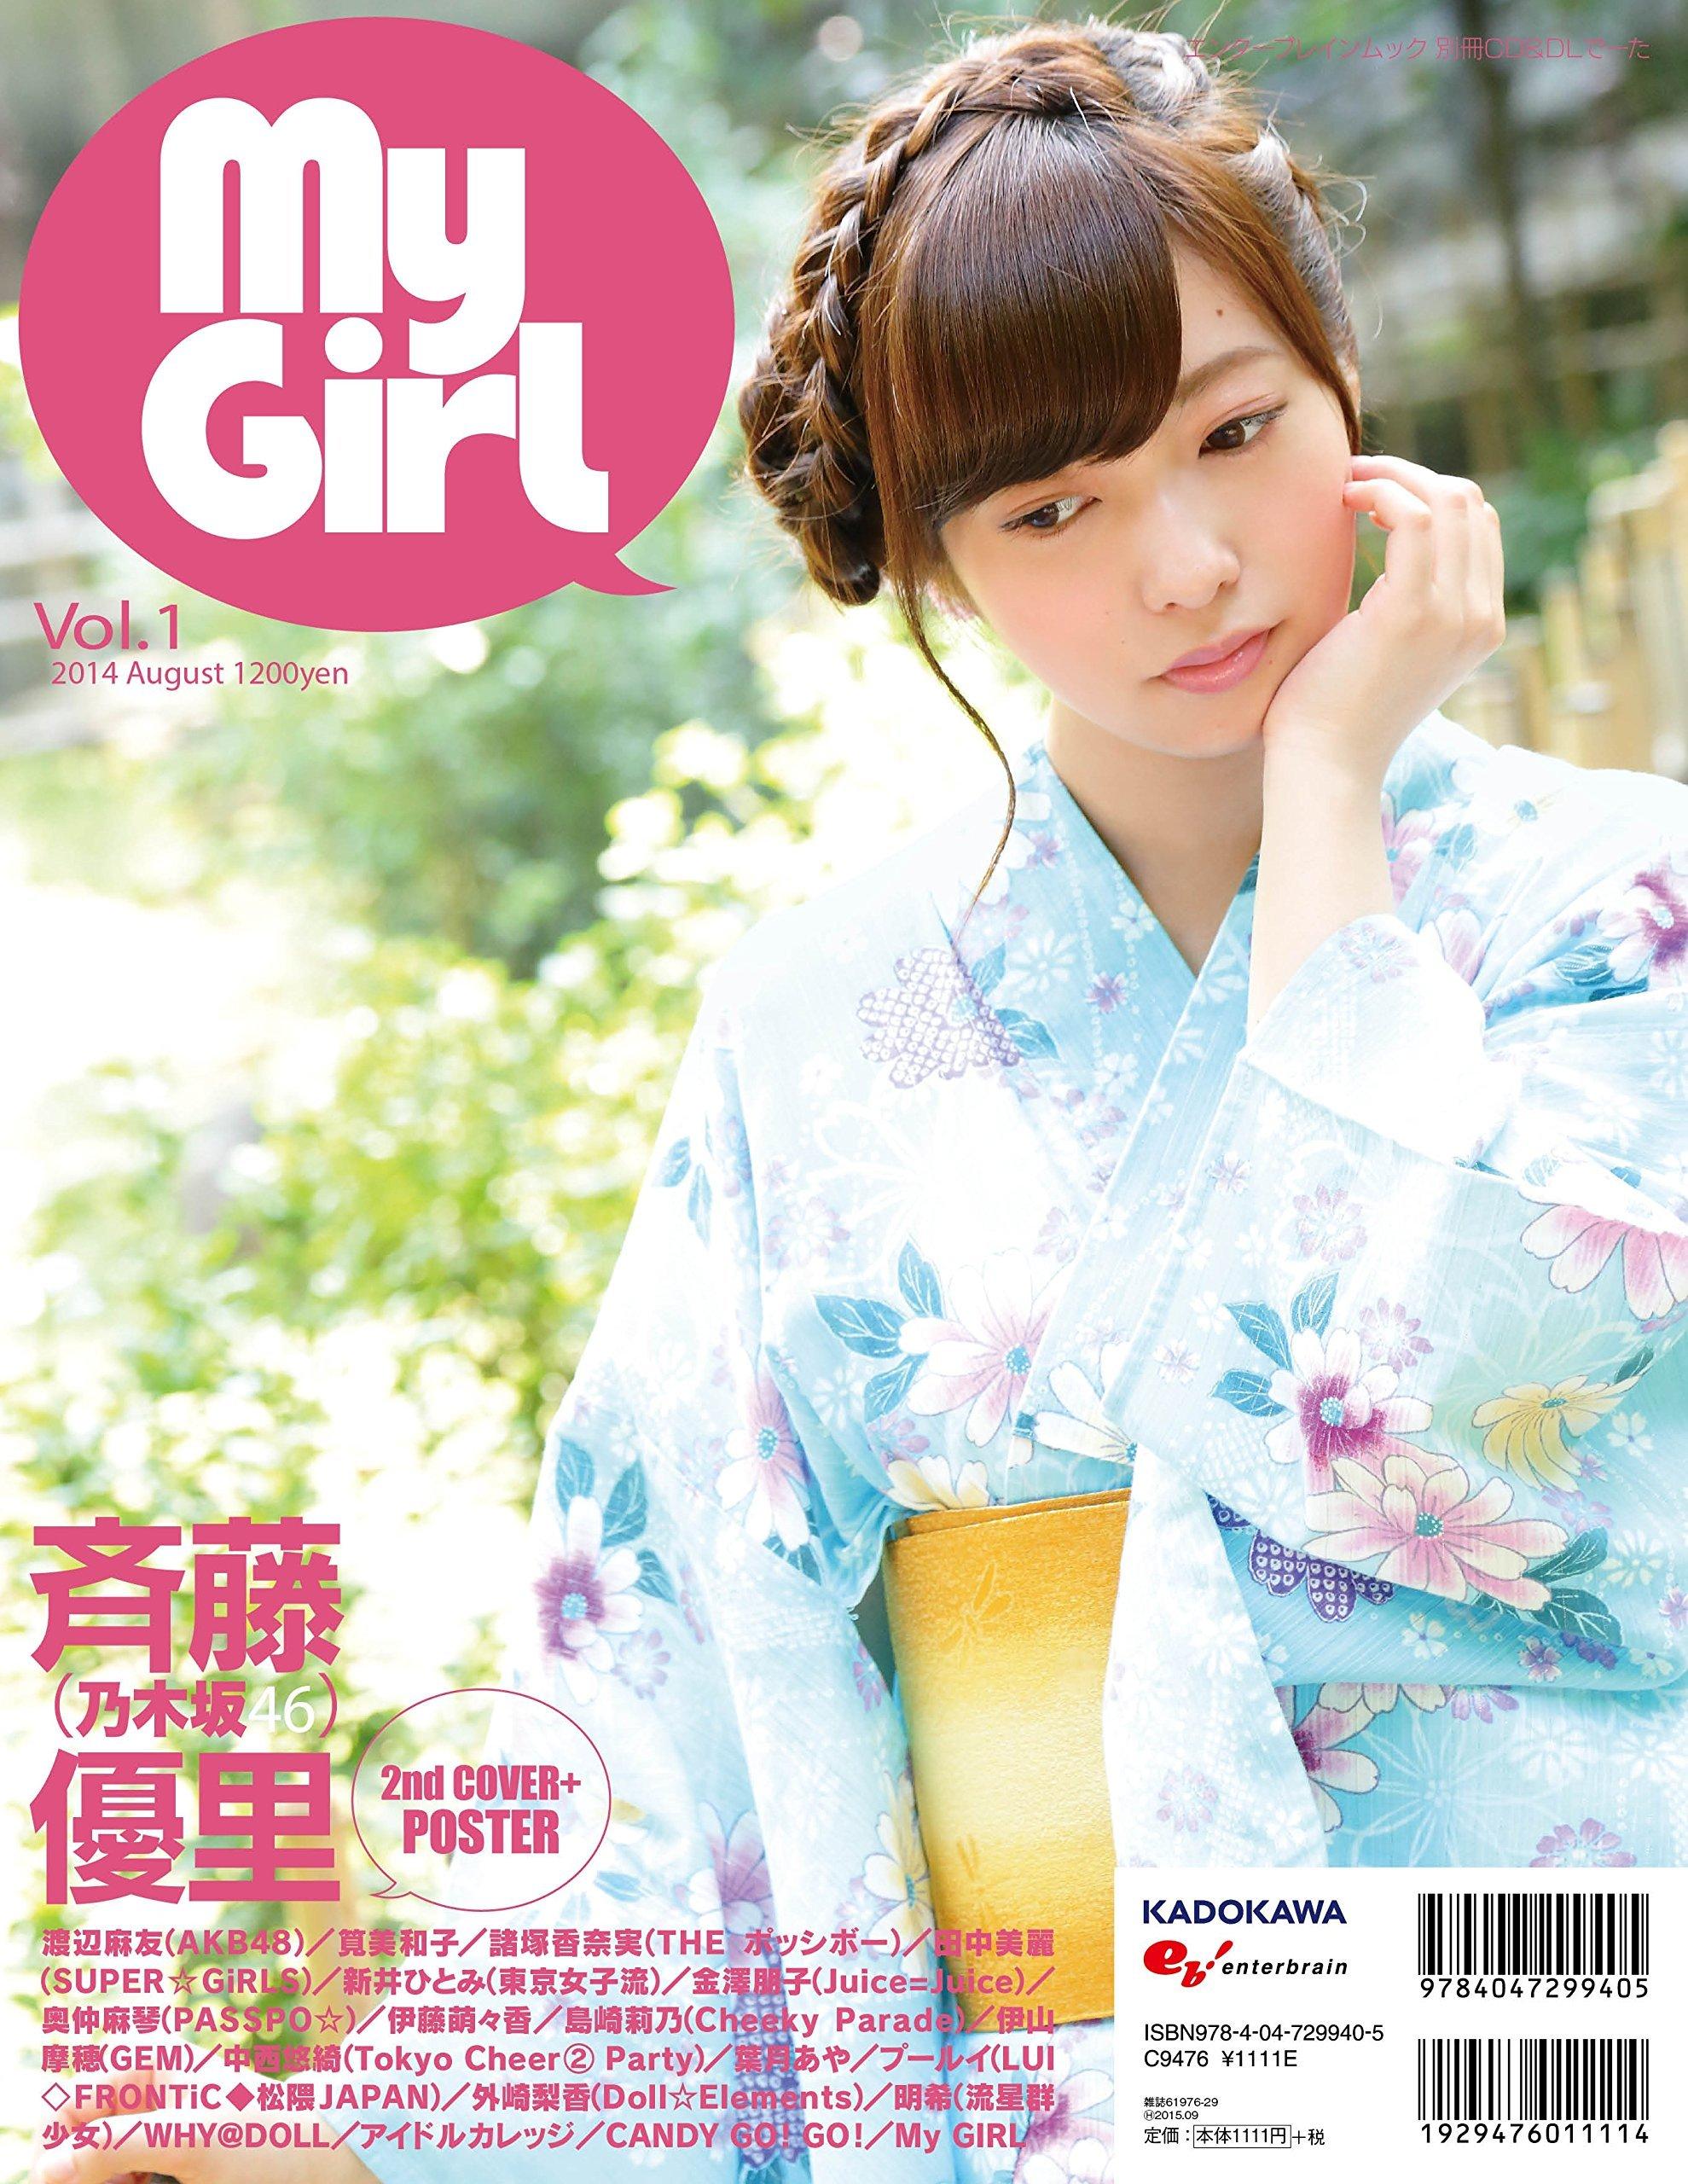 別冊CD&DLでーた My Girl vol.1 渡辺麻友 斎藤優里_ (1)